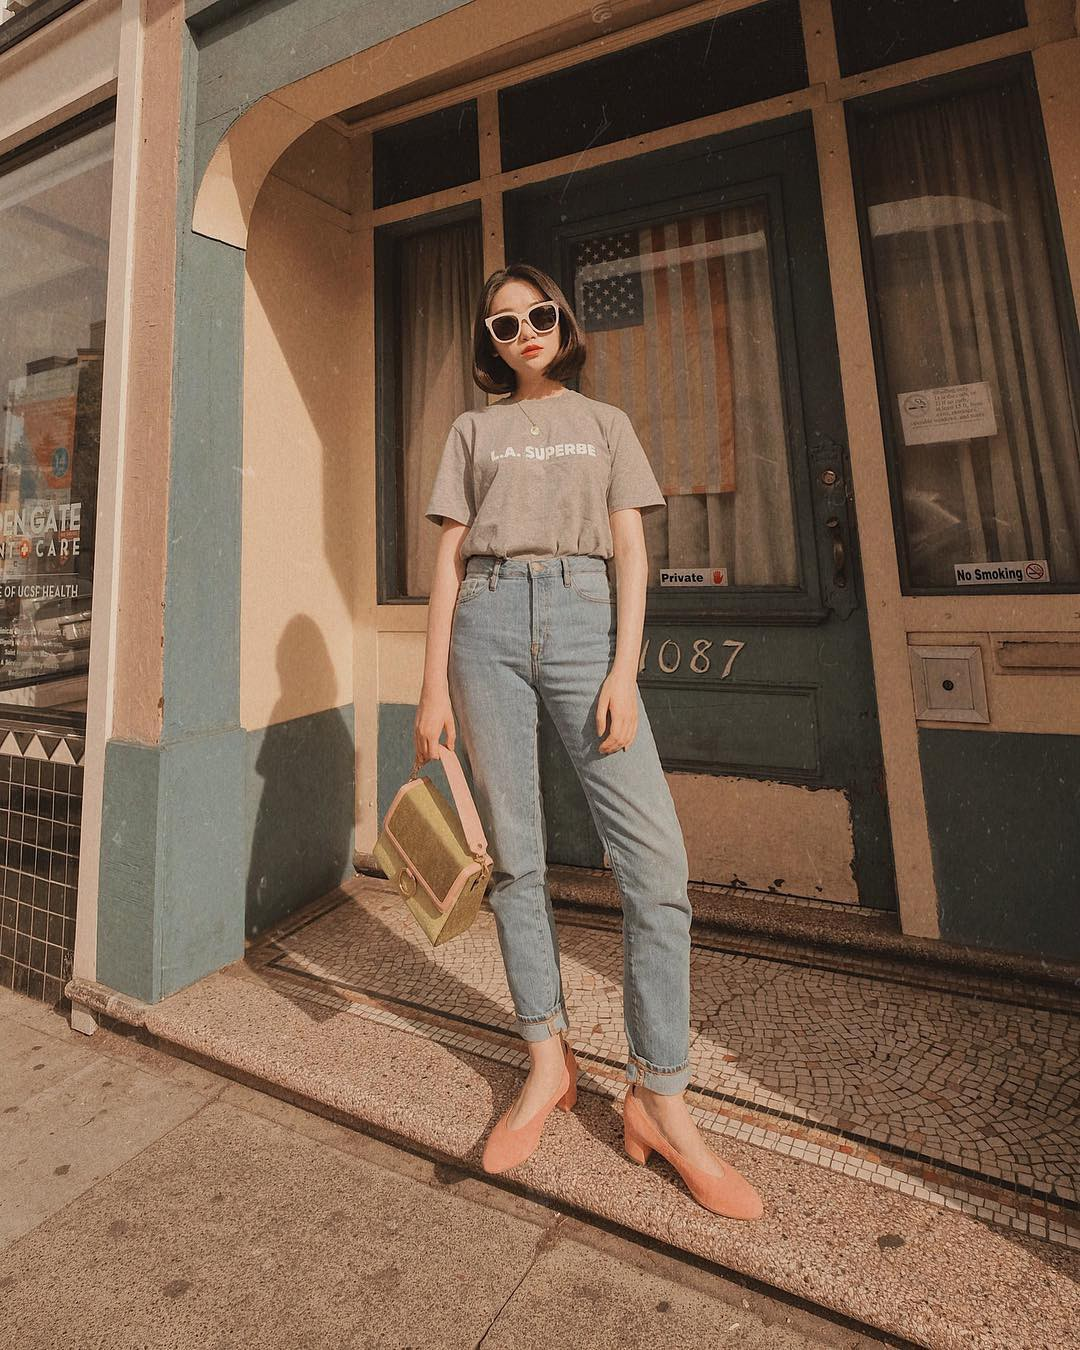 Đã tìm ra kiểu quần jeans vô địch về khoản hack tuổi, nhưng vẫn thanh lịch chẳng kém quần jeans trắng - Ảnh 2